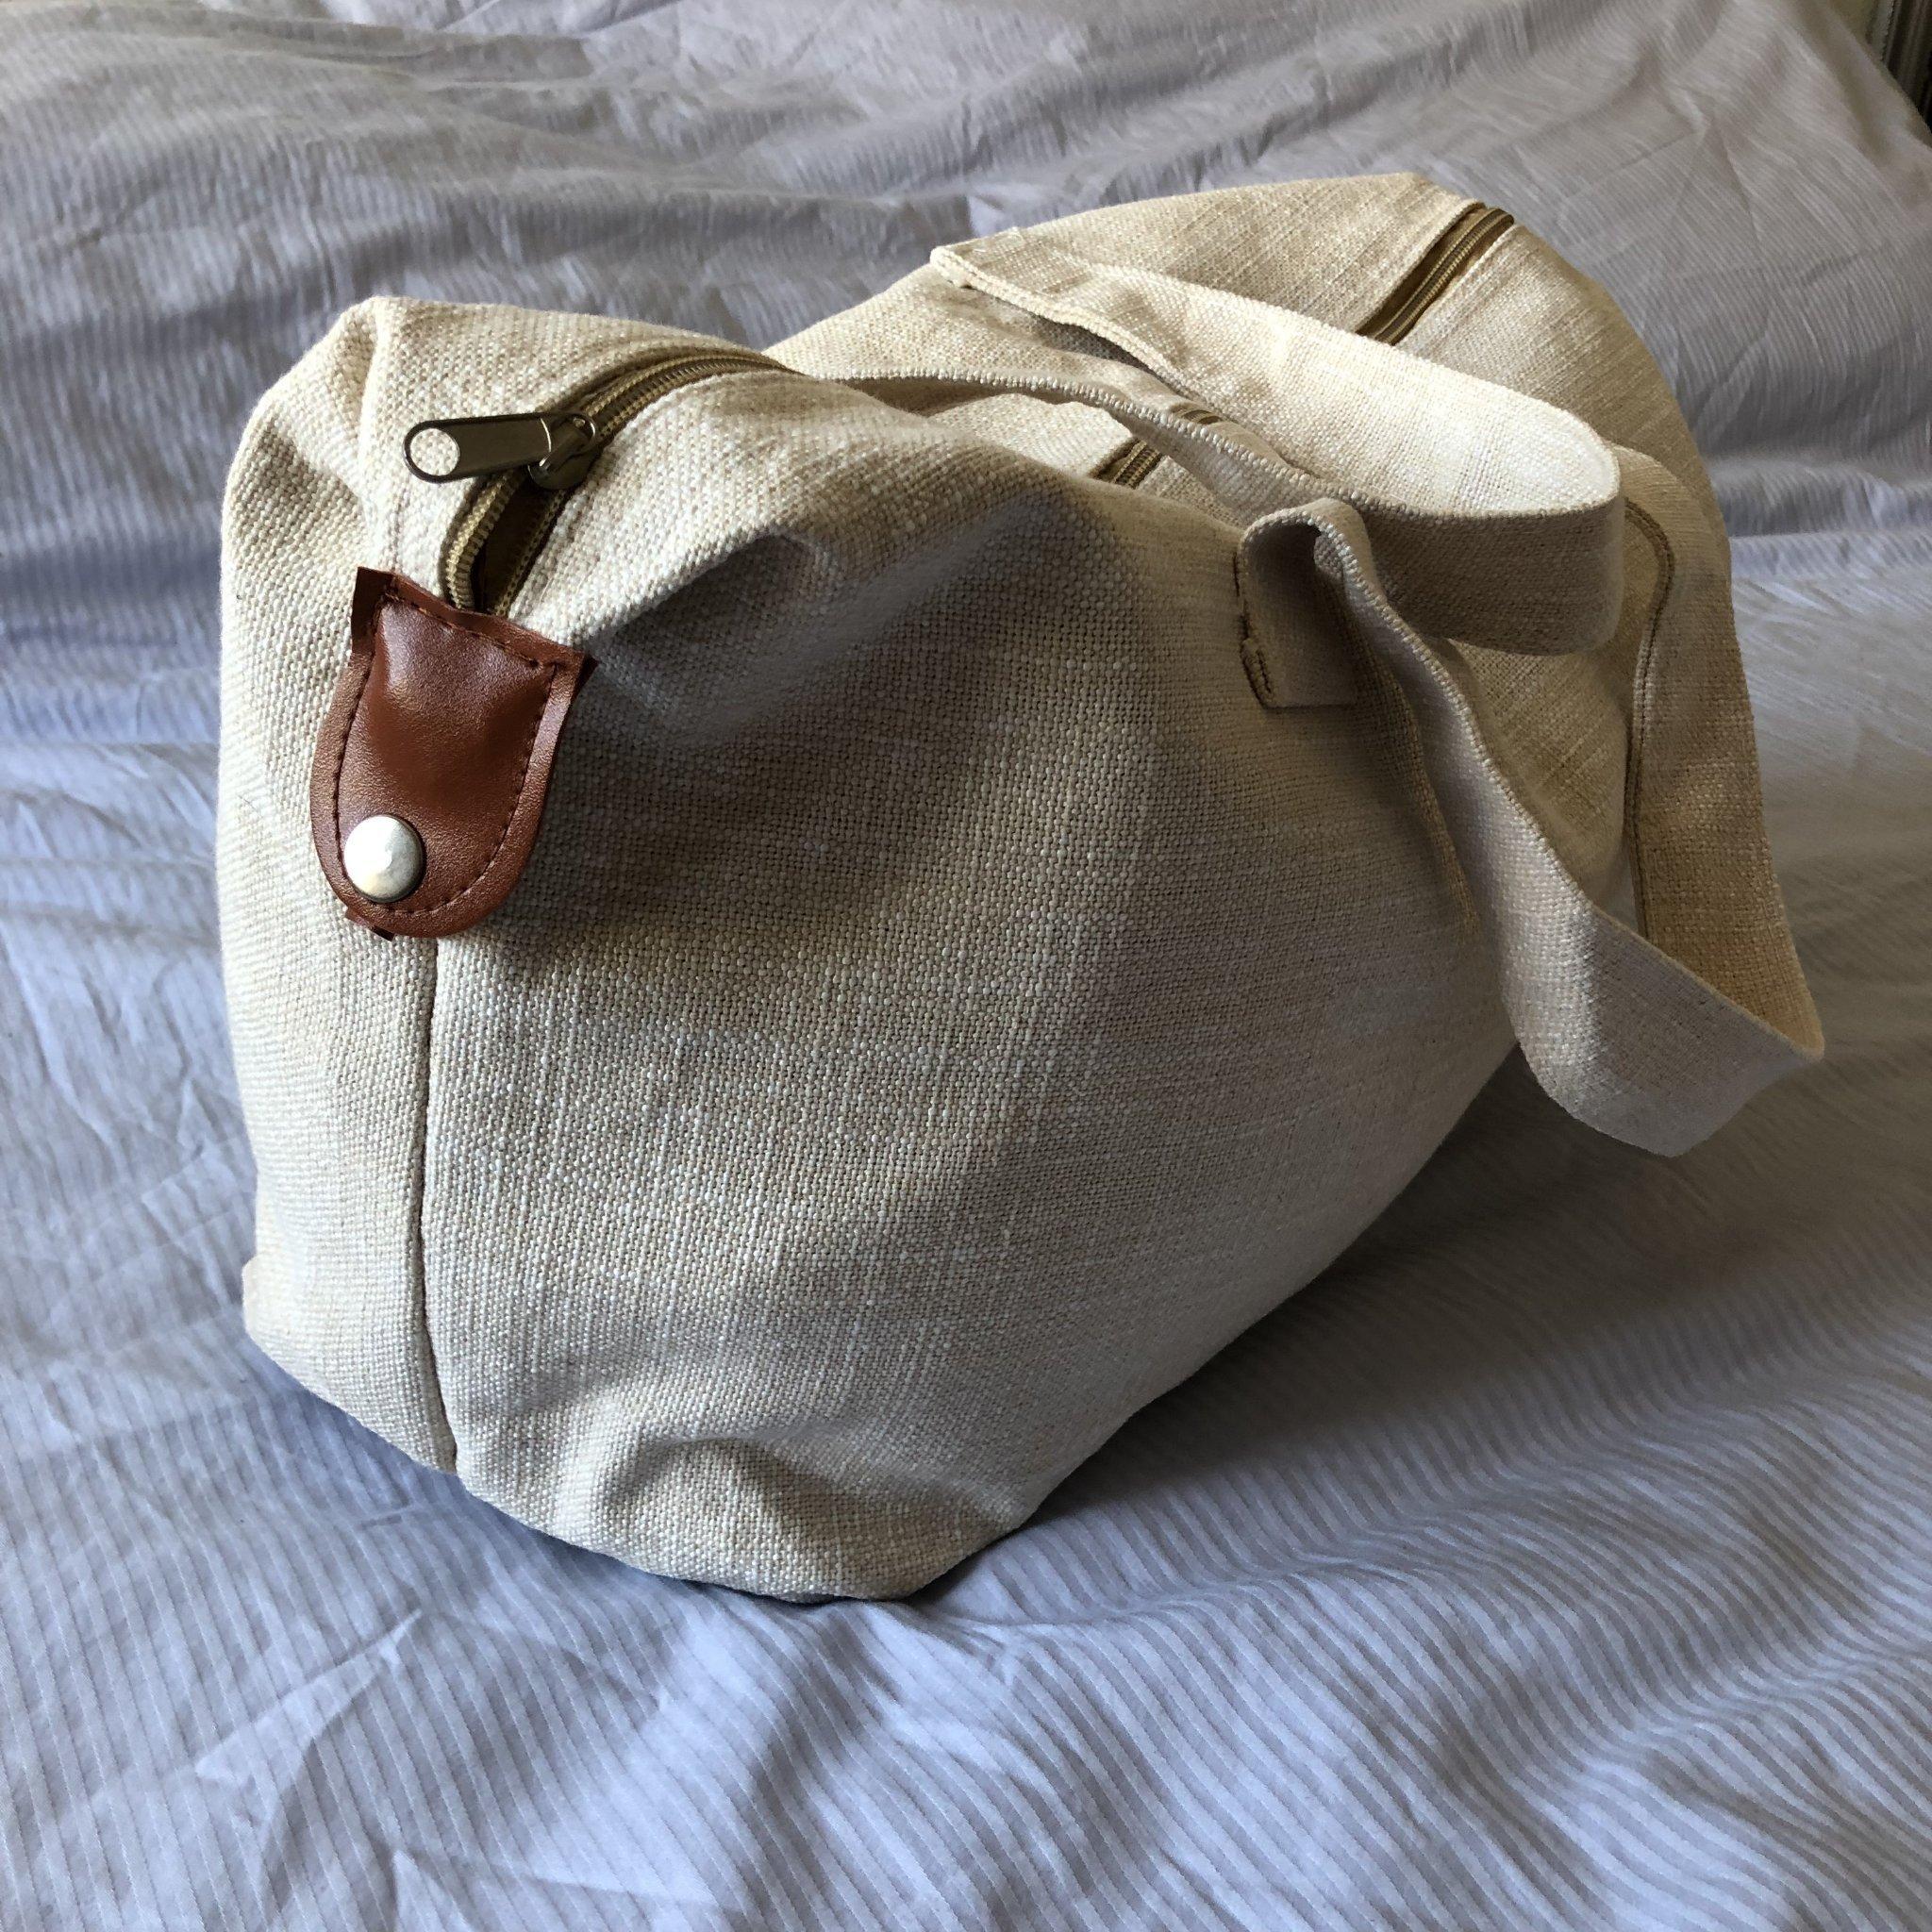 HELT NY! Väska i naturvit linne tyg med cognac färgade detaljer